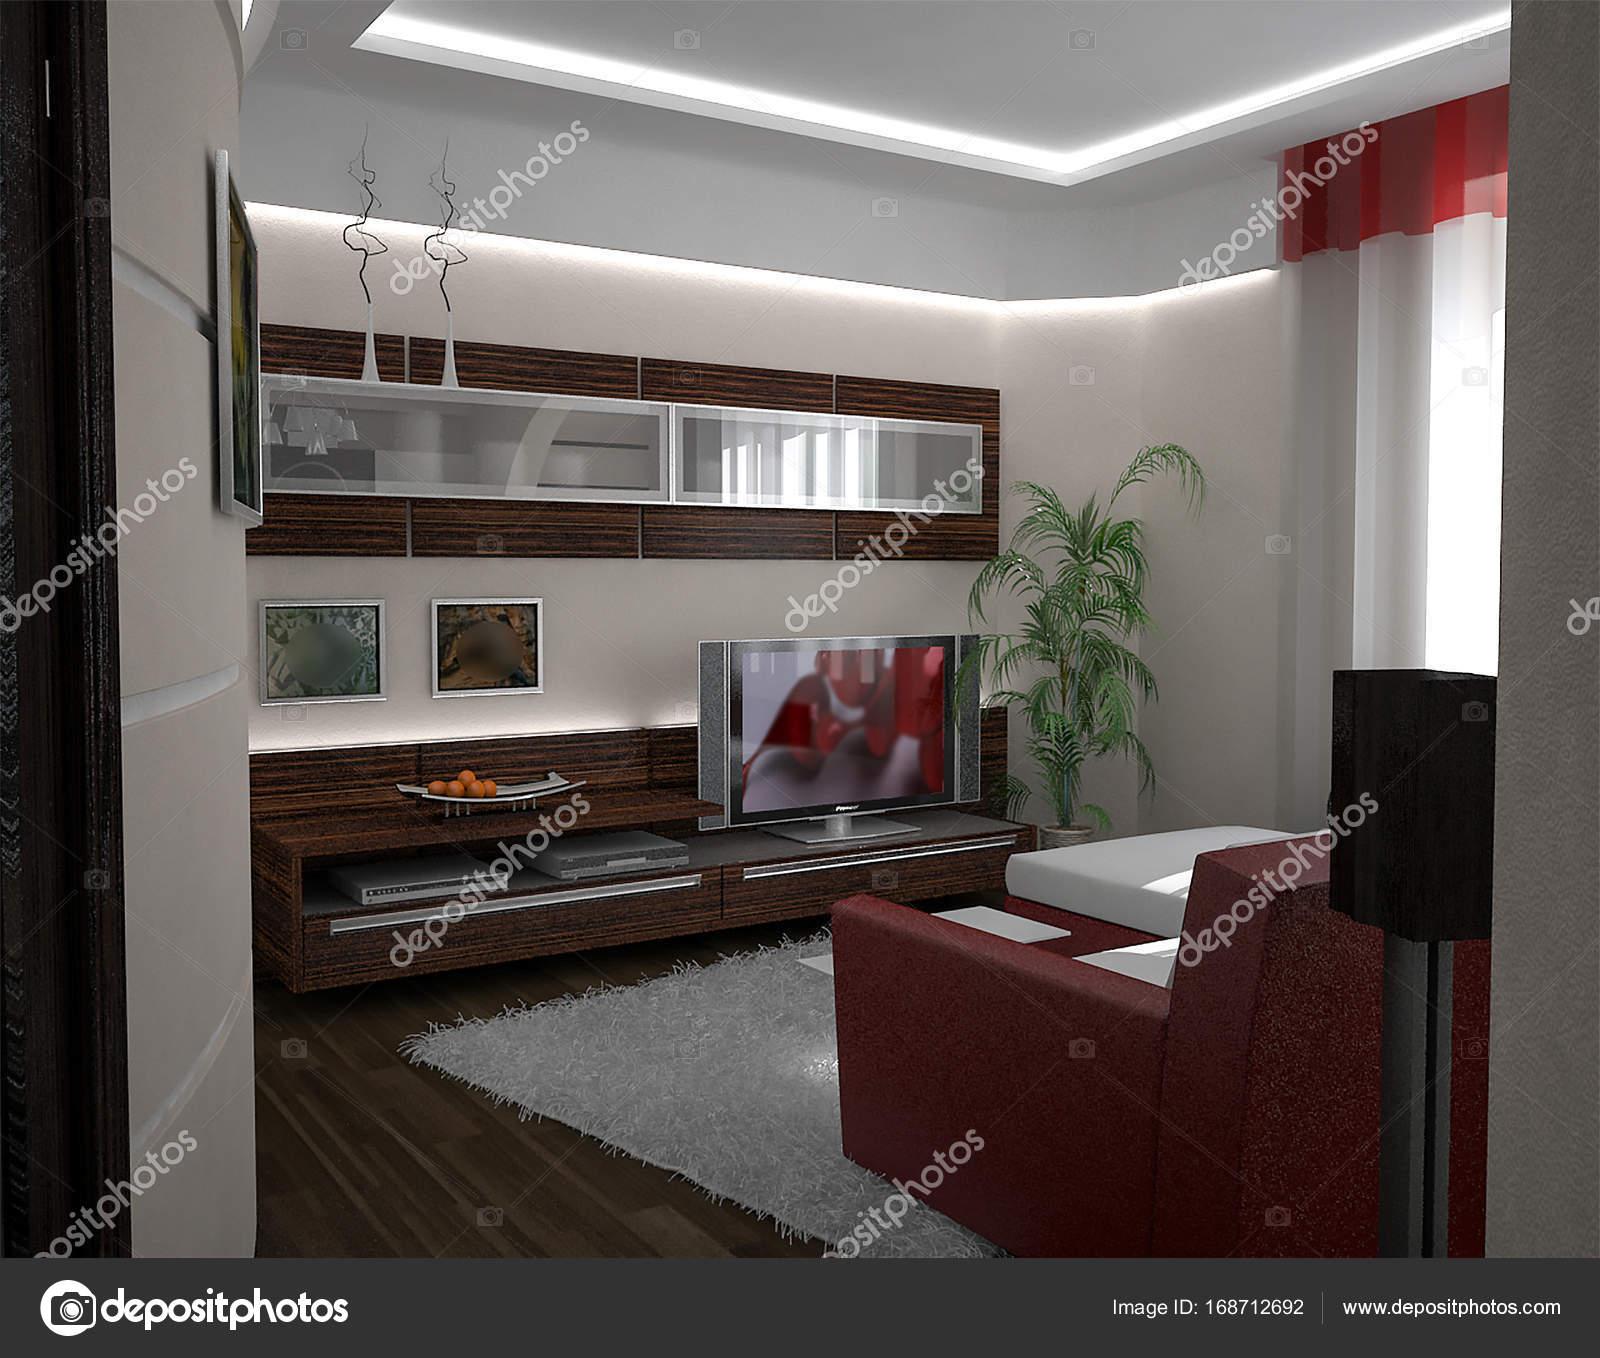 https://st3.depositphotos.com/5376352/16871/i/1600/depositphotos_168712692-stockafbeelding-salon-interieur-ideen-3d-render.jpg